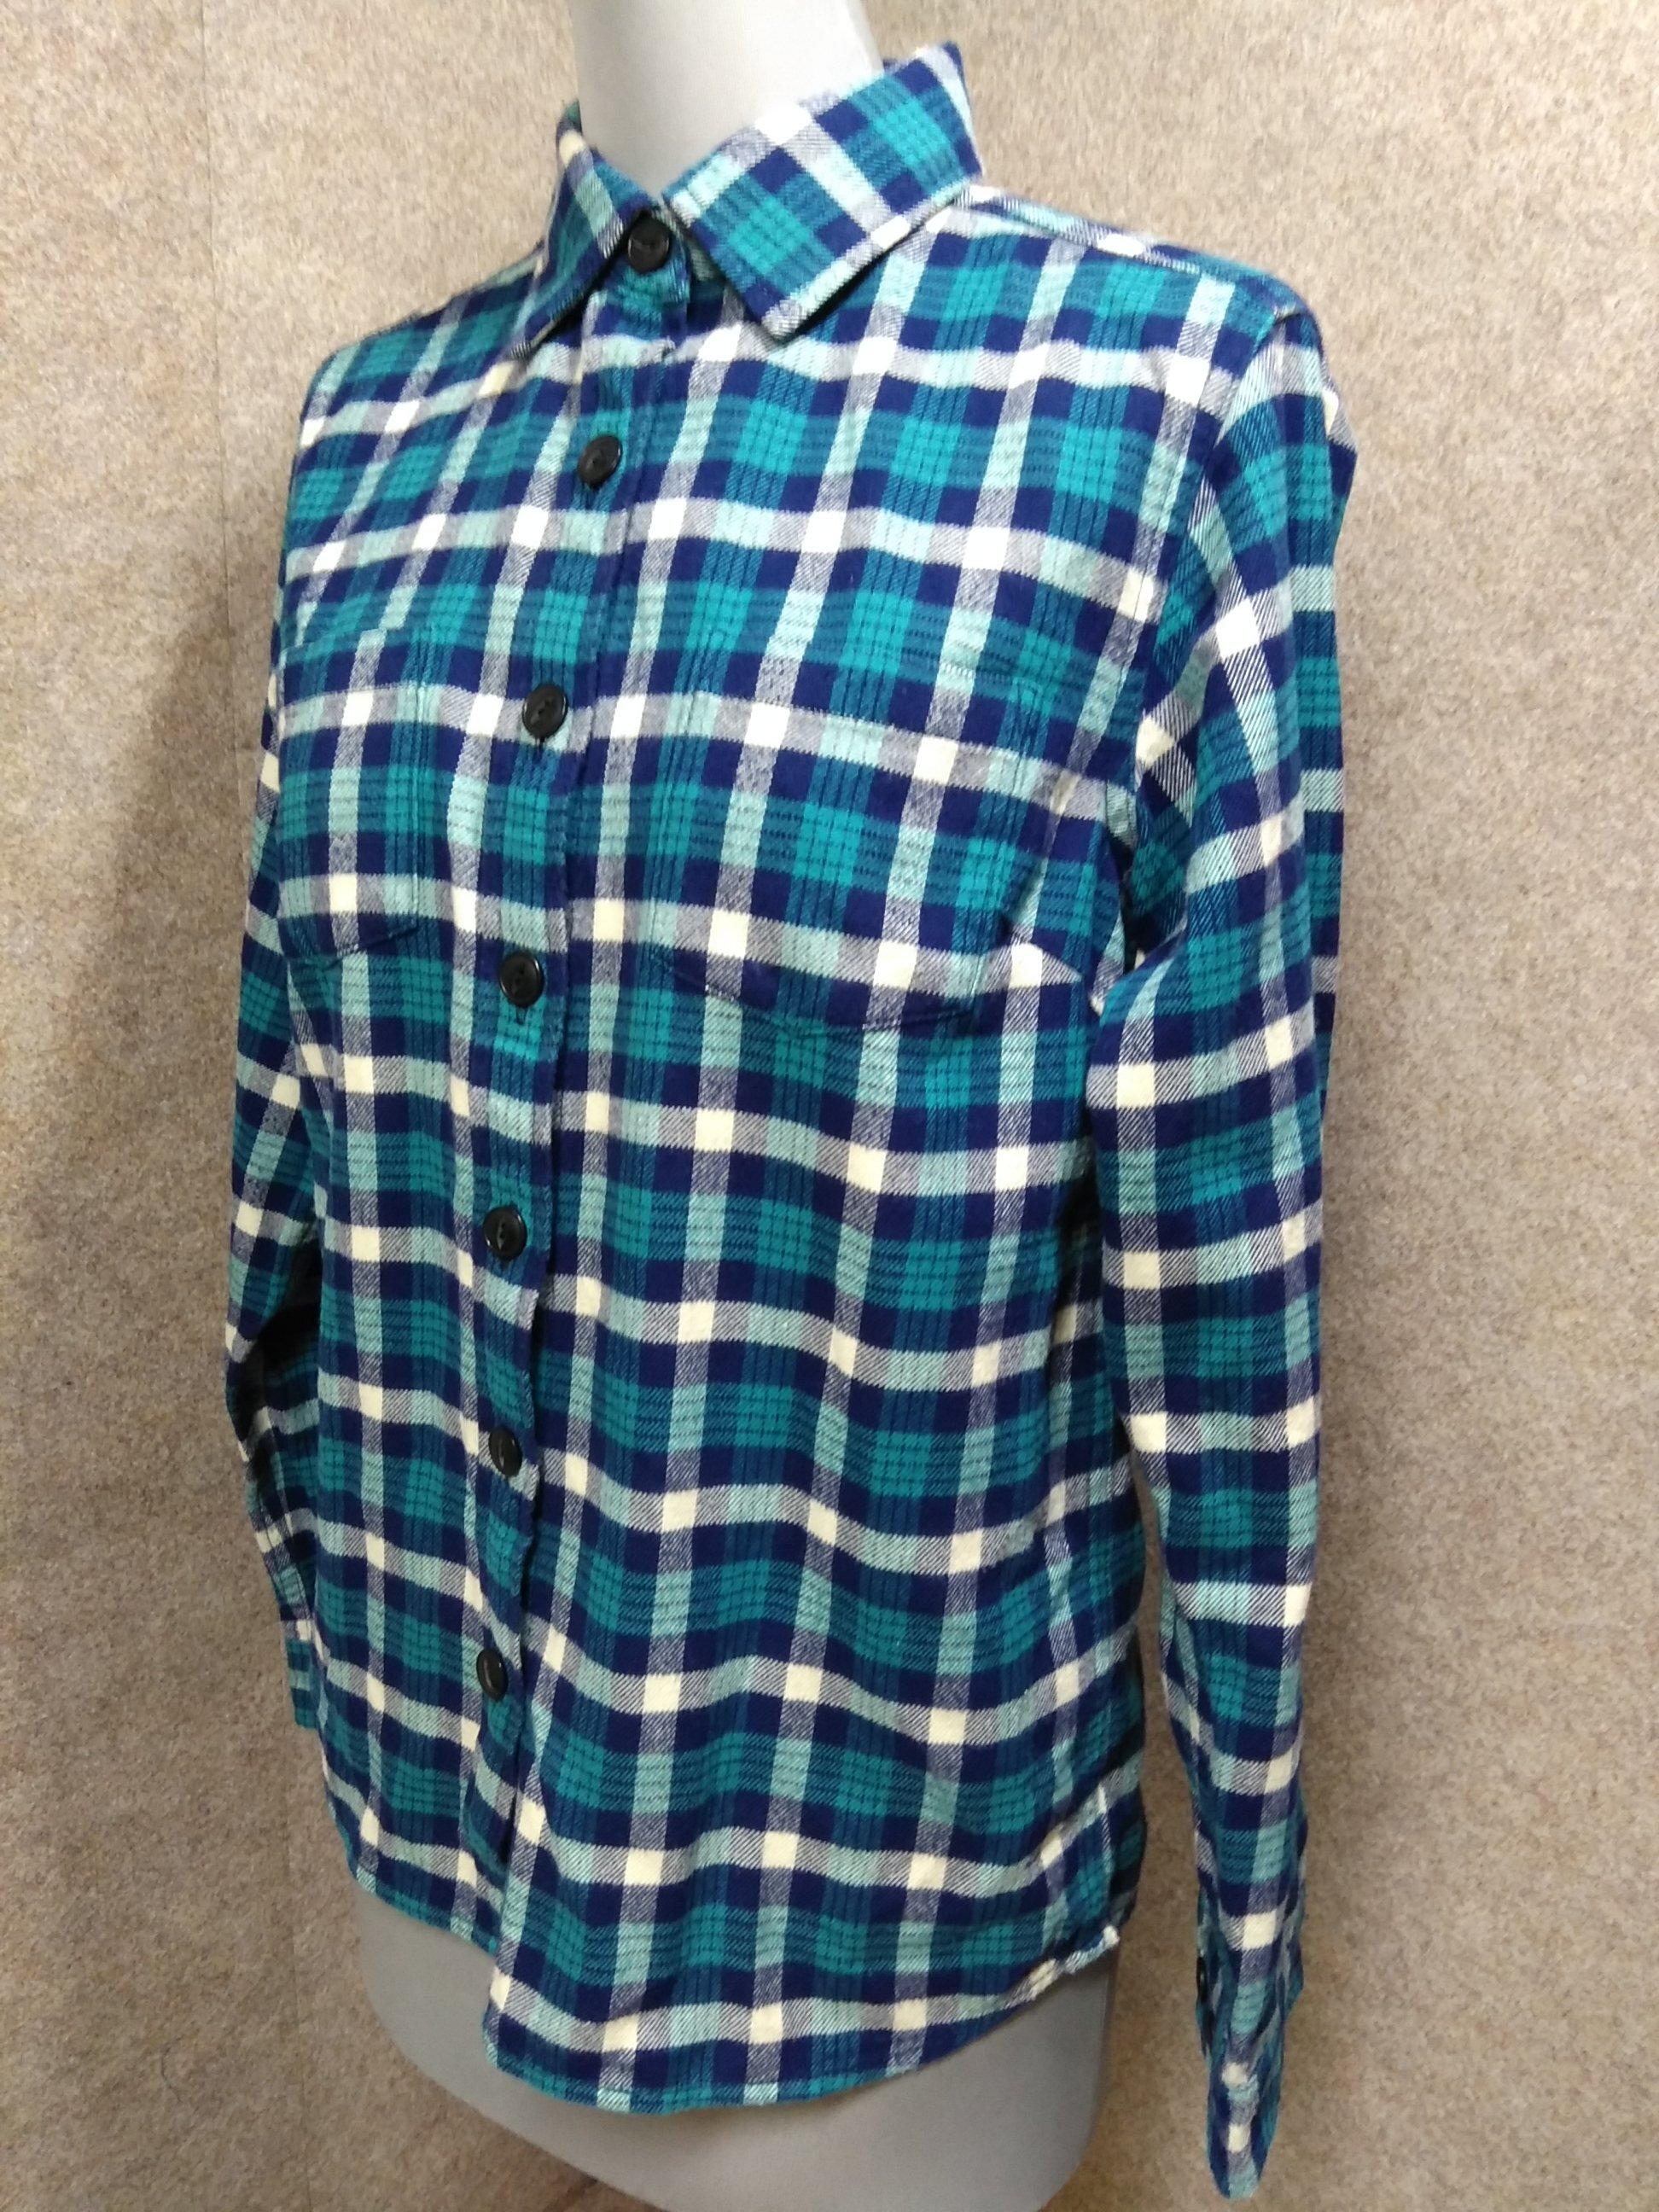 ザ・ノースフェイス チェック ネルシャツ S 青緑系 厚手 u1222a